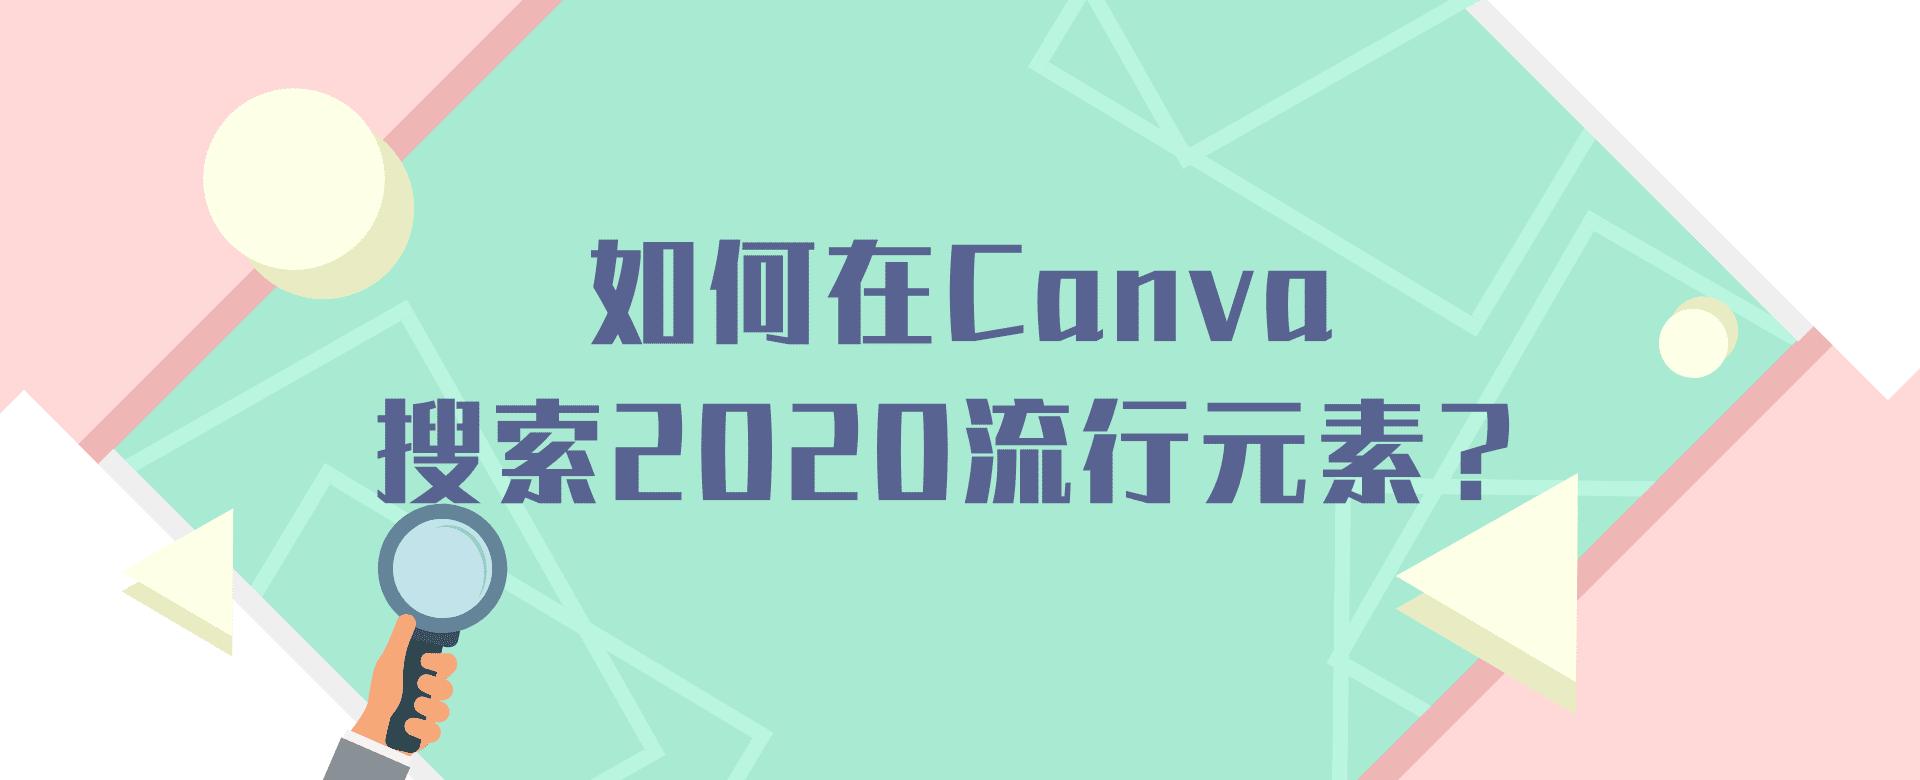 如何在Canva搜索2020流行设计元素?